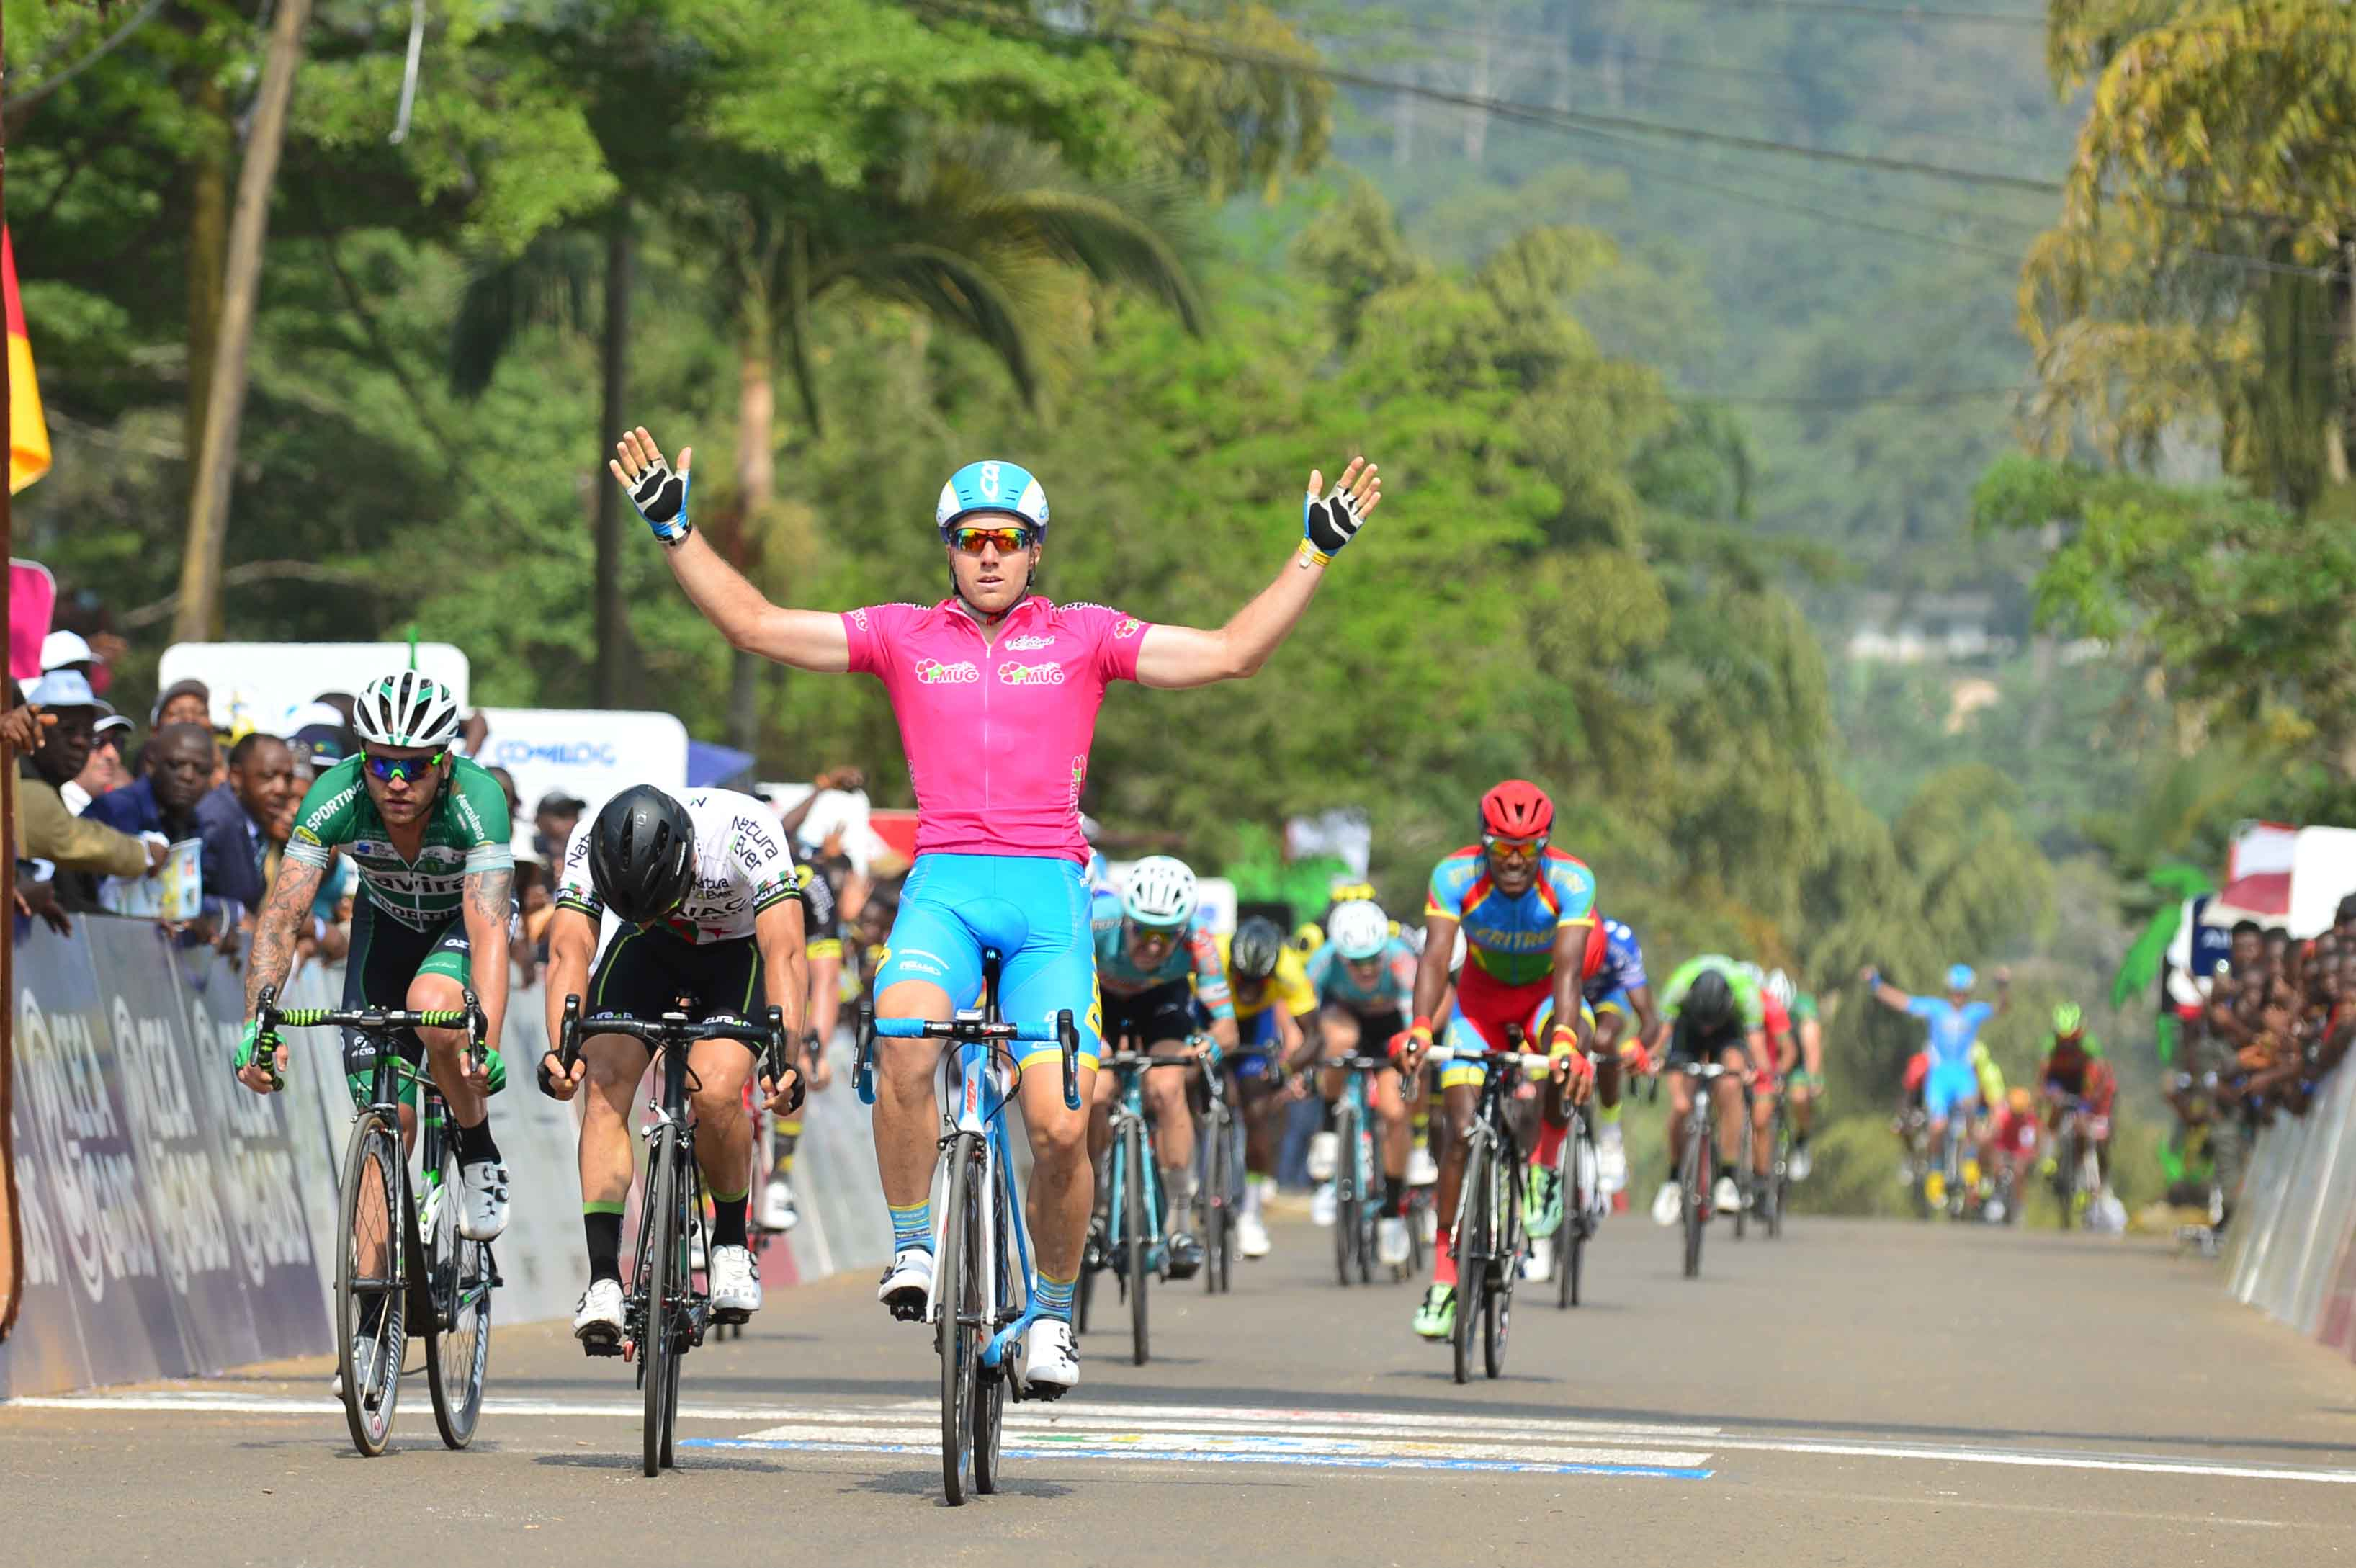 Брентон Джонс выиграл пятый этап велогонки La Tropicale Amissa Bongo